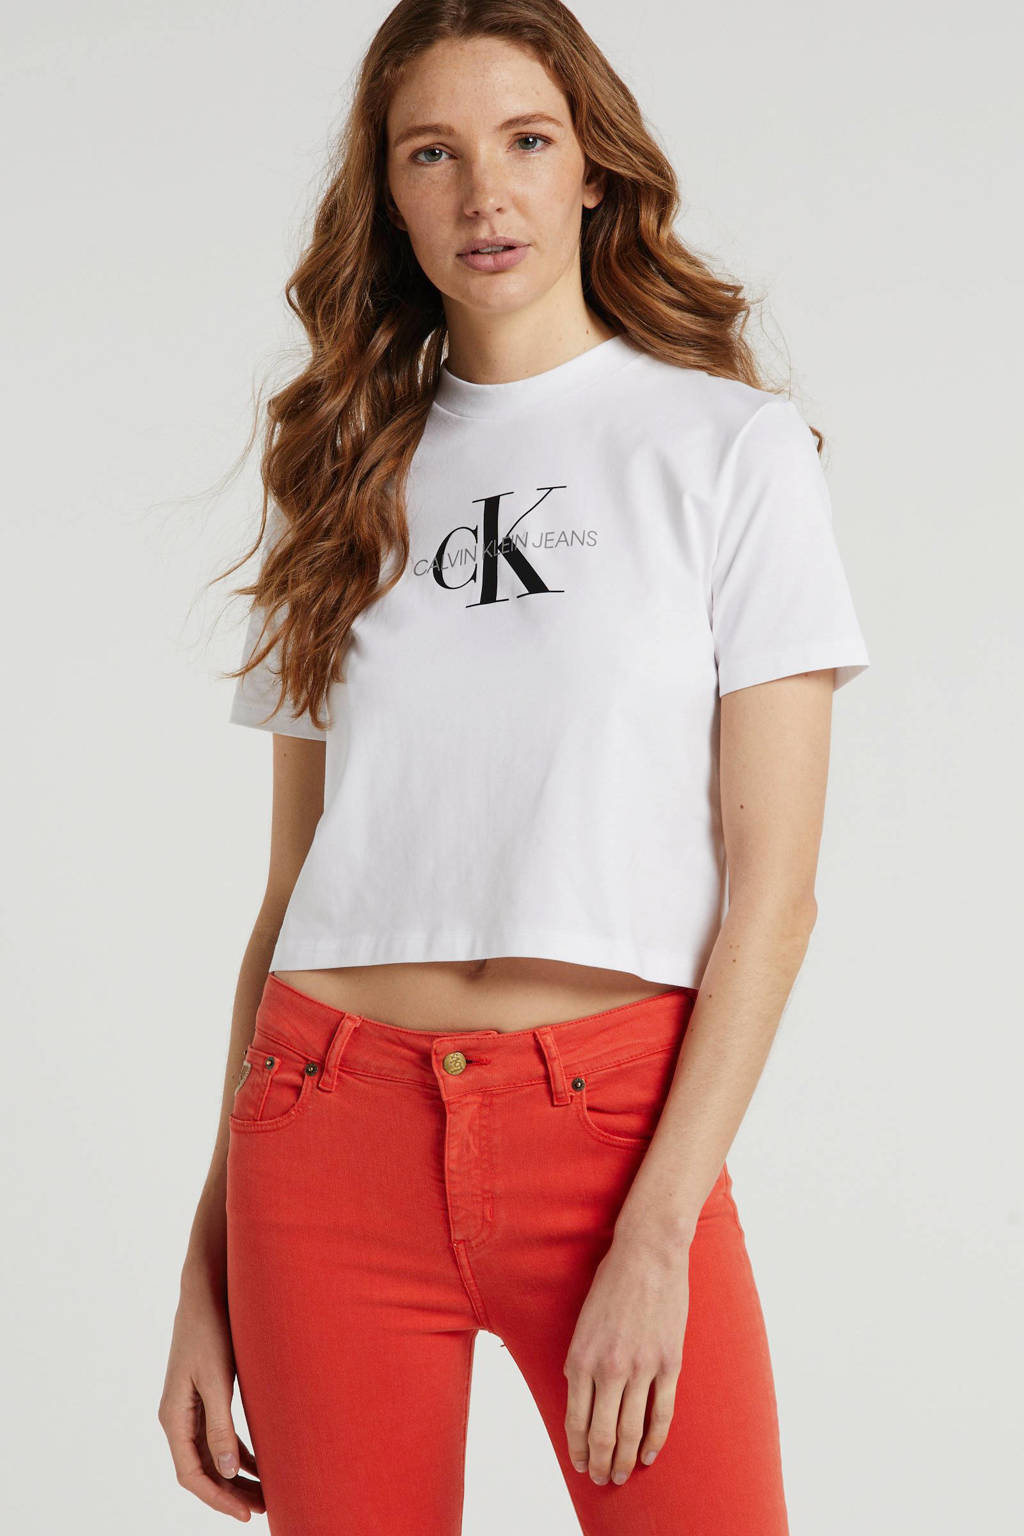 CALVIN KLEIN JEANS T-shirt met logo wit, Wit